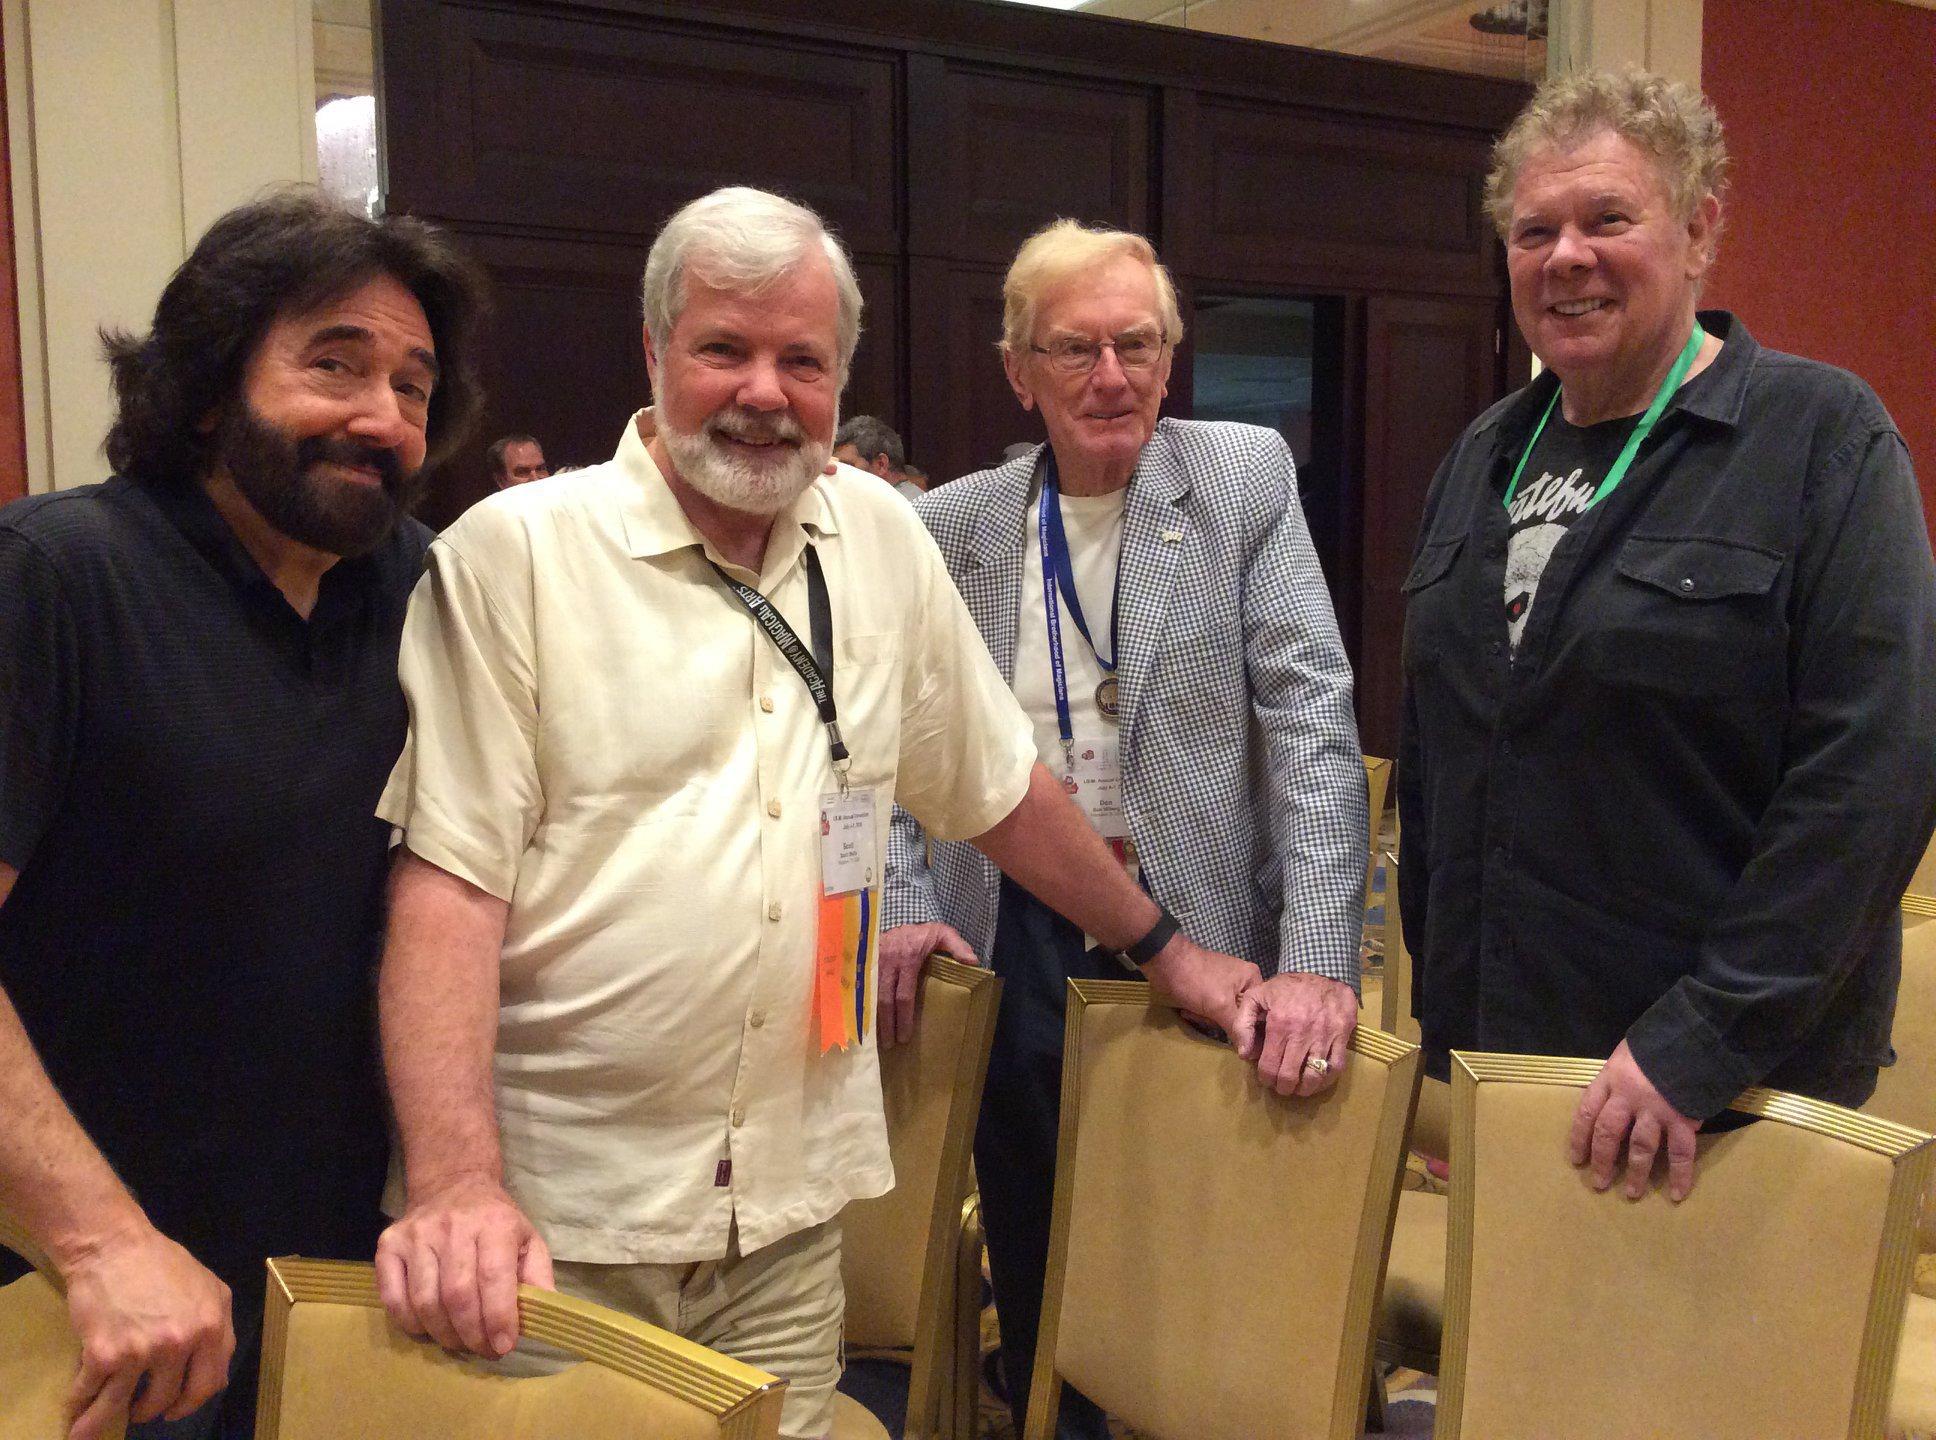 Larry Wilson, Scott Wells, Don Wiberg and Nick Lewiin